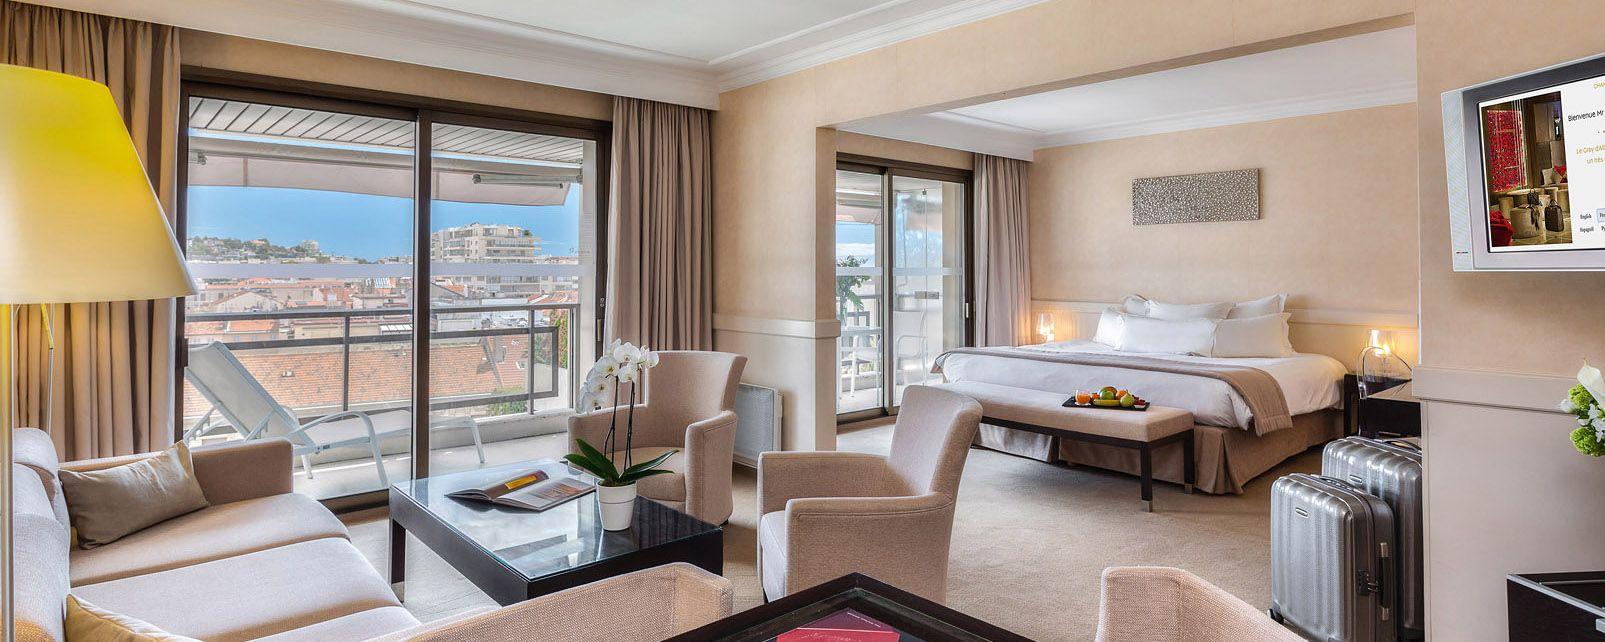 Hotel Hôtel Barrière le Gray d'Albion